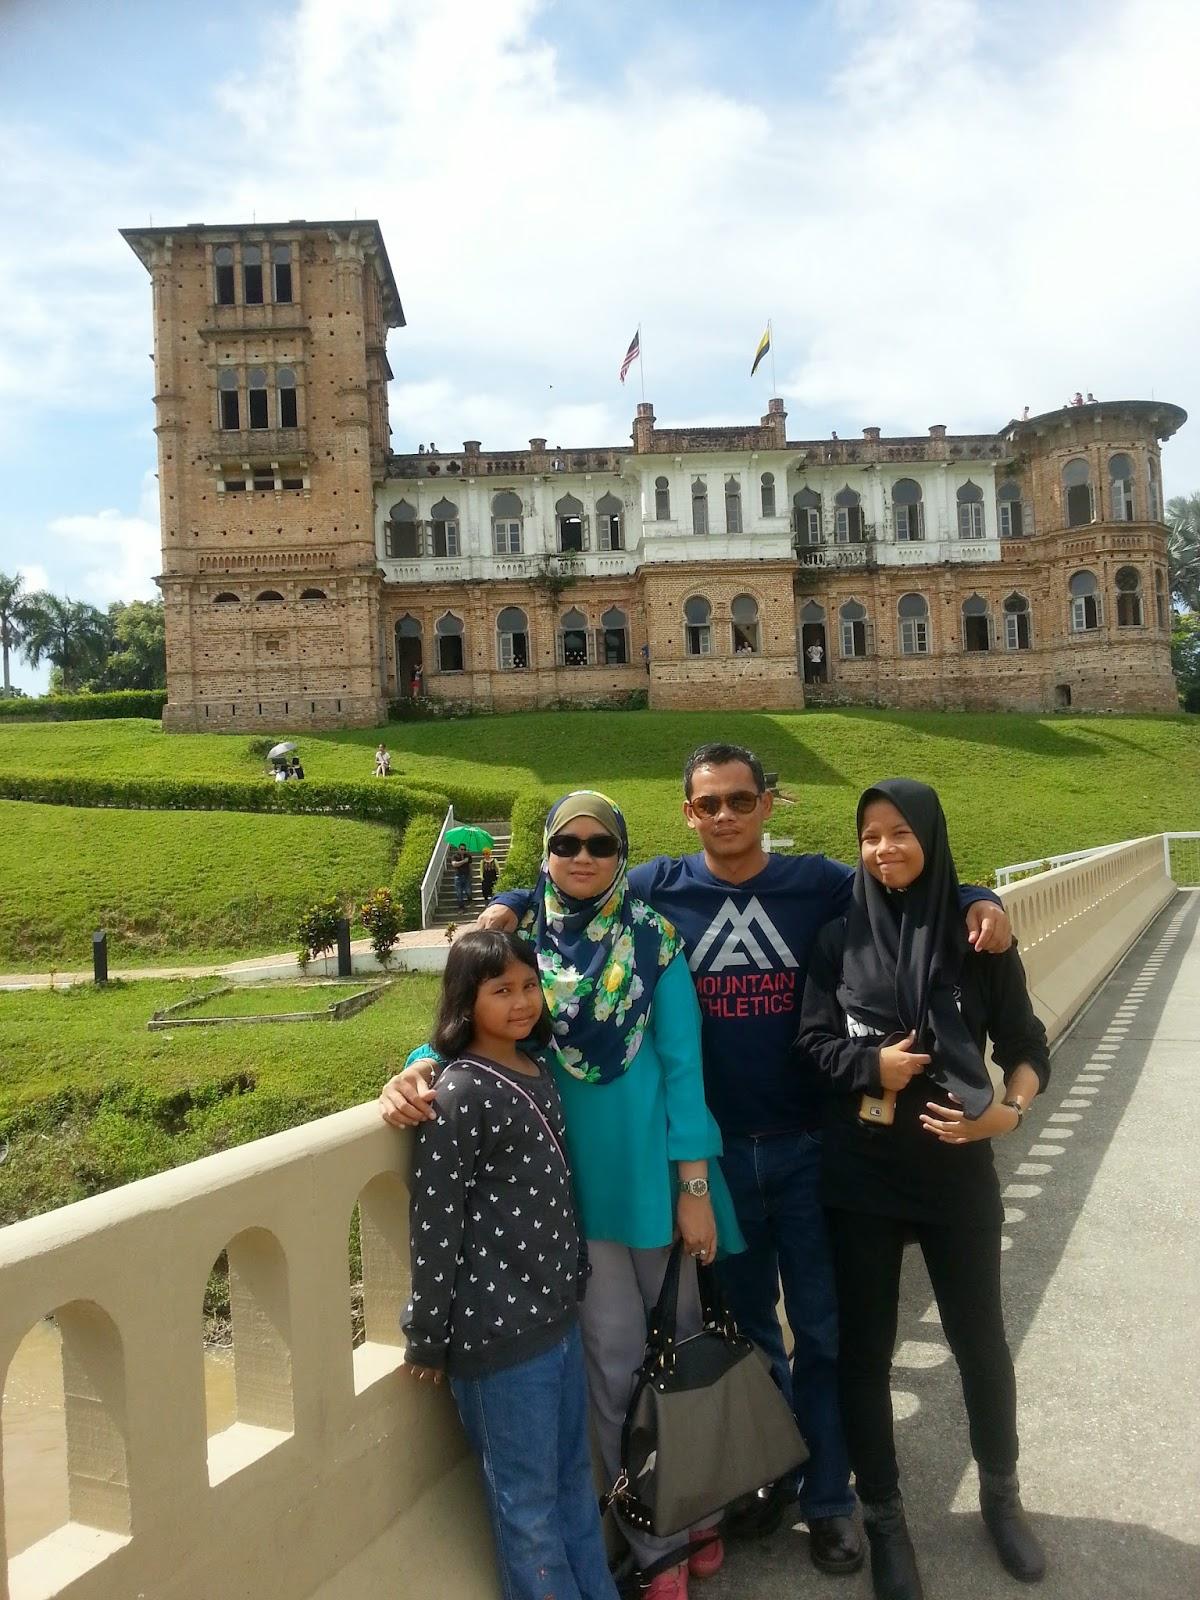 Kellis Castle